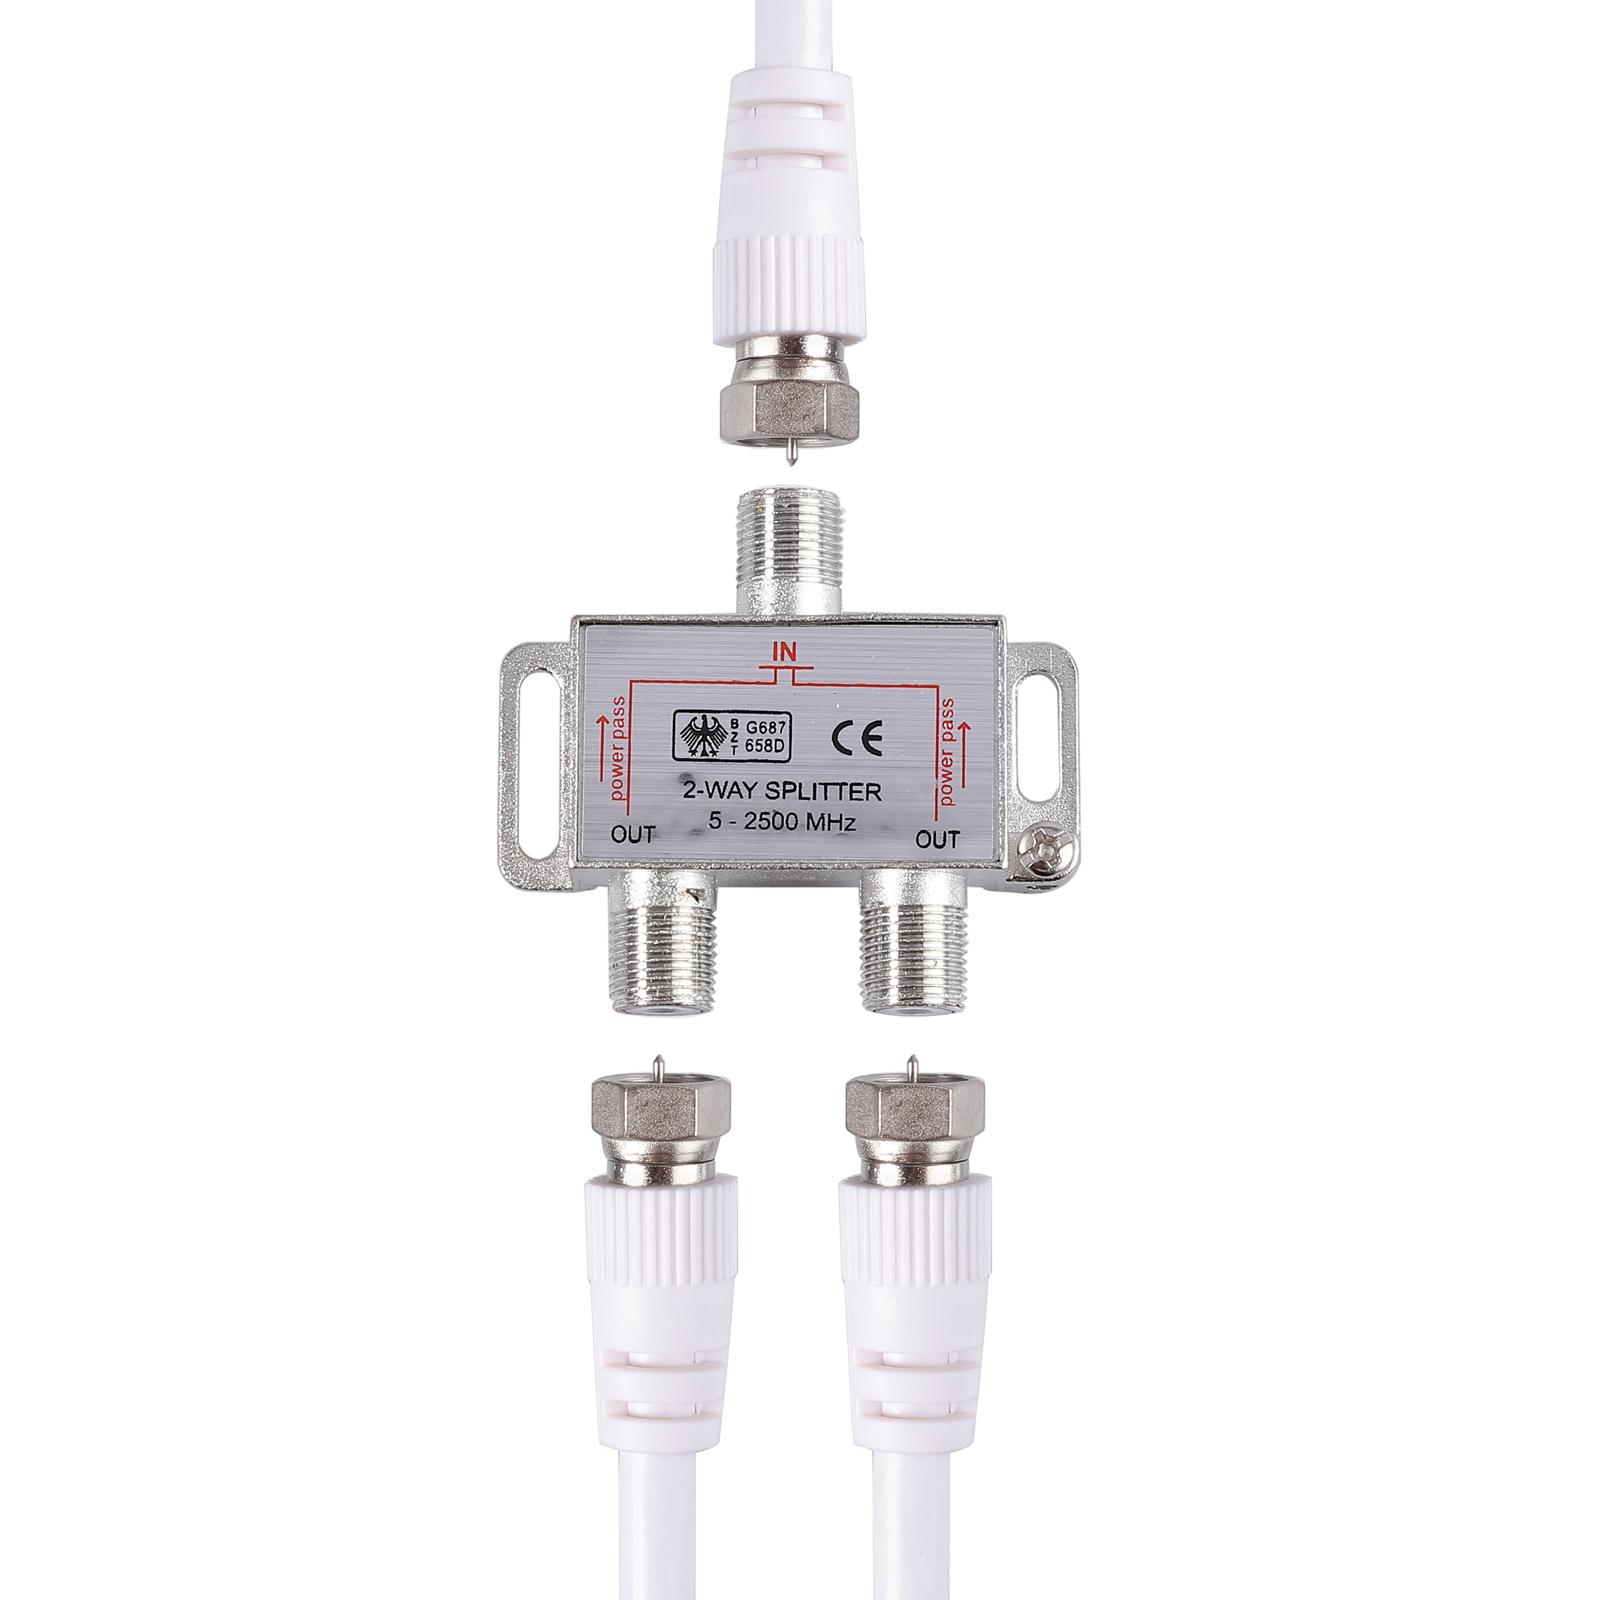 SAT 2-wege Verteiler Splitter digital Tauglich F-buchse Kupplung 5-2500MHz 1.5m